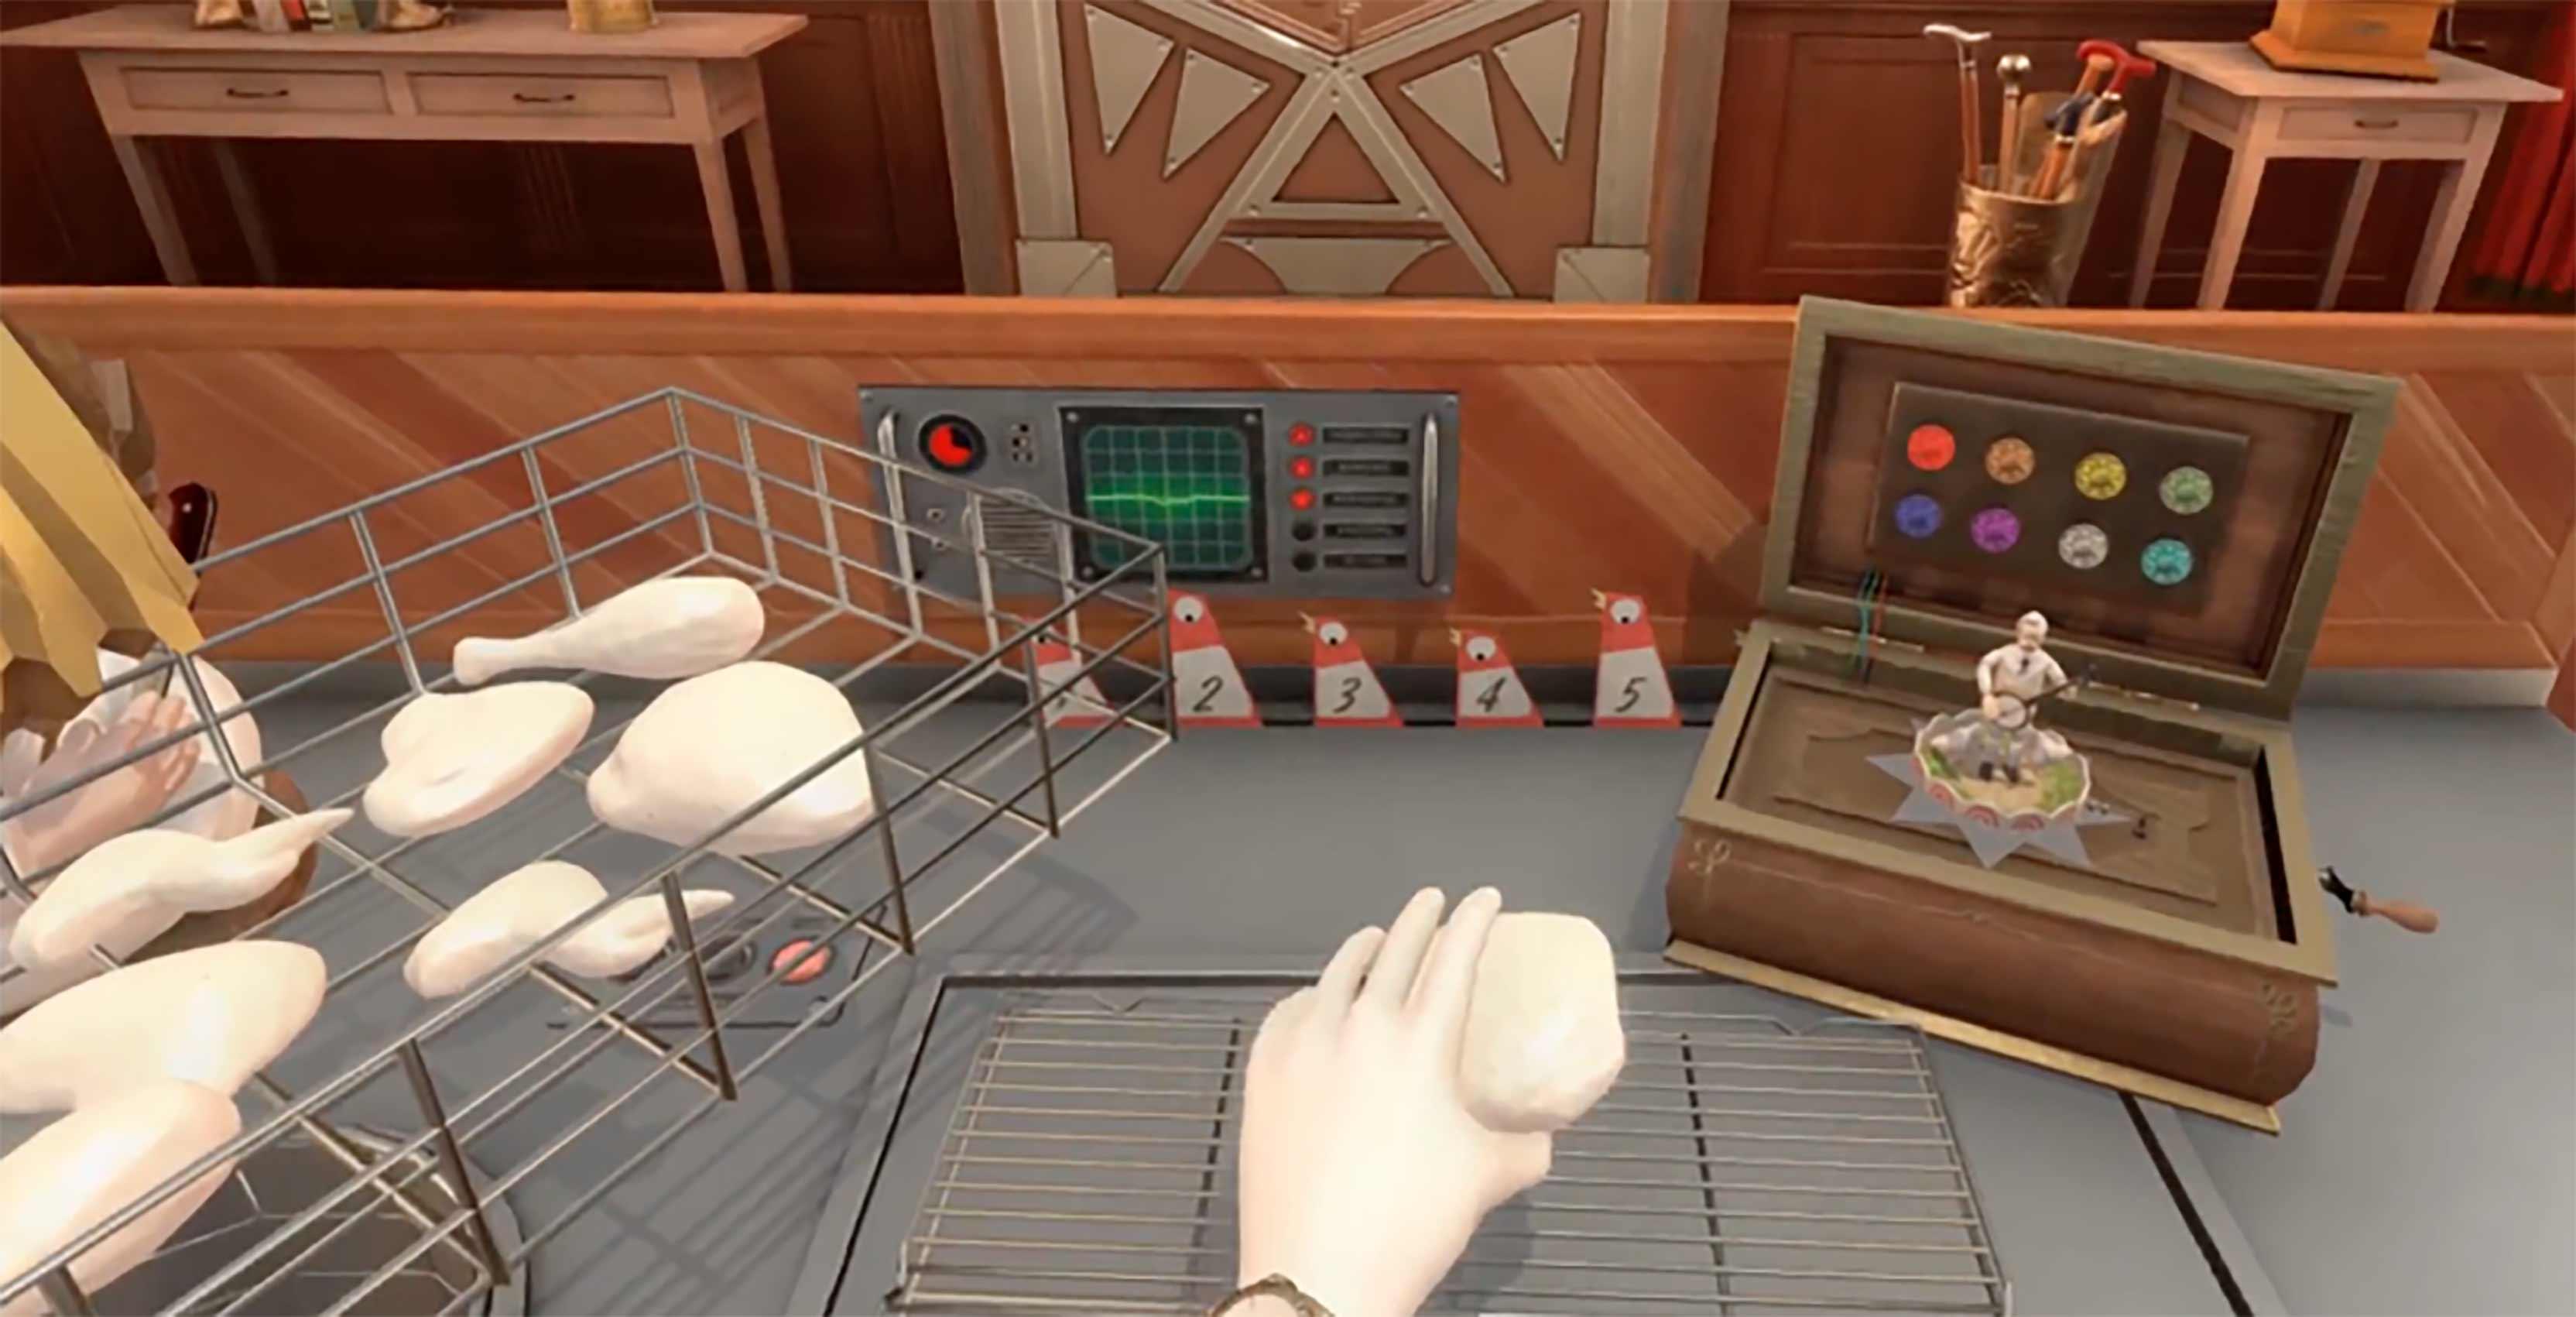 KFC Oculus Rift VR